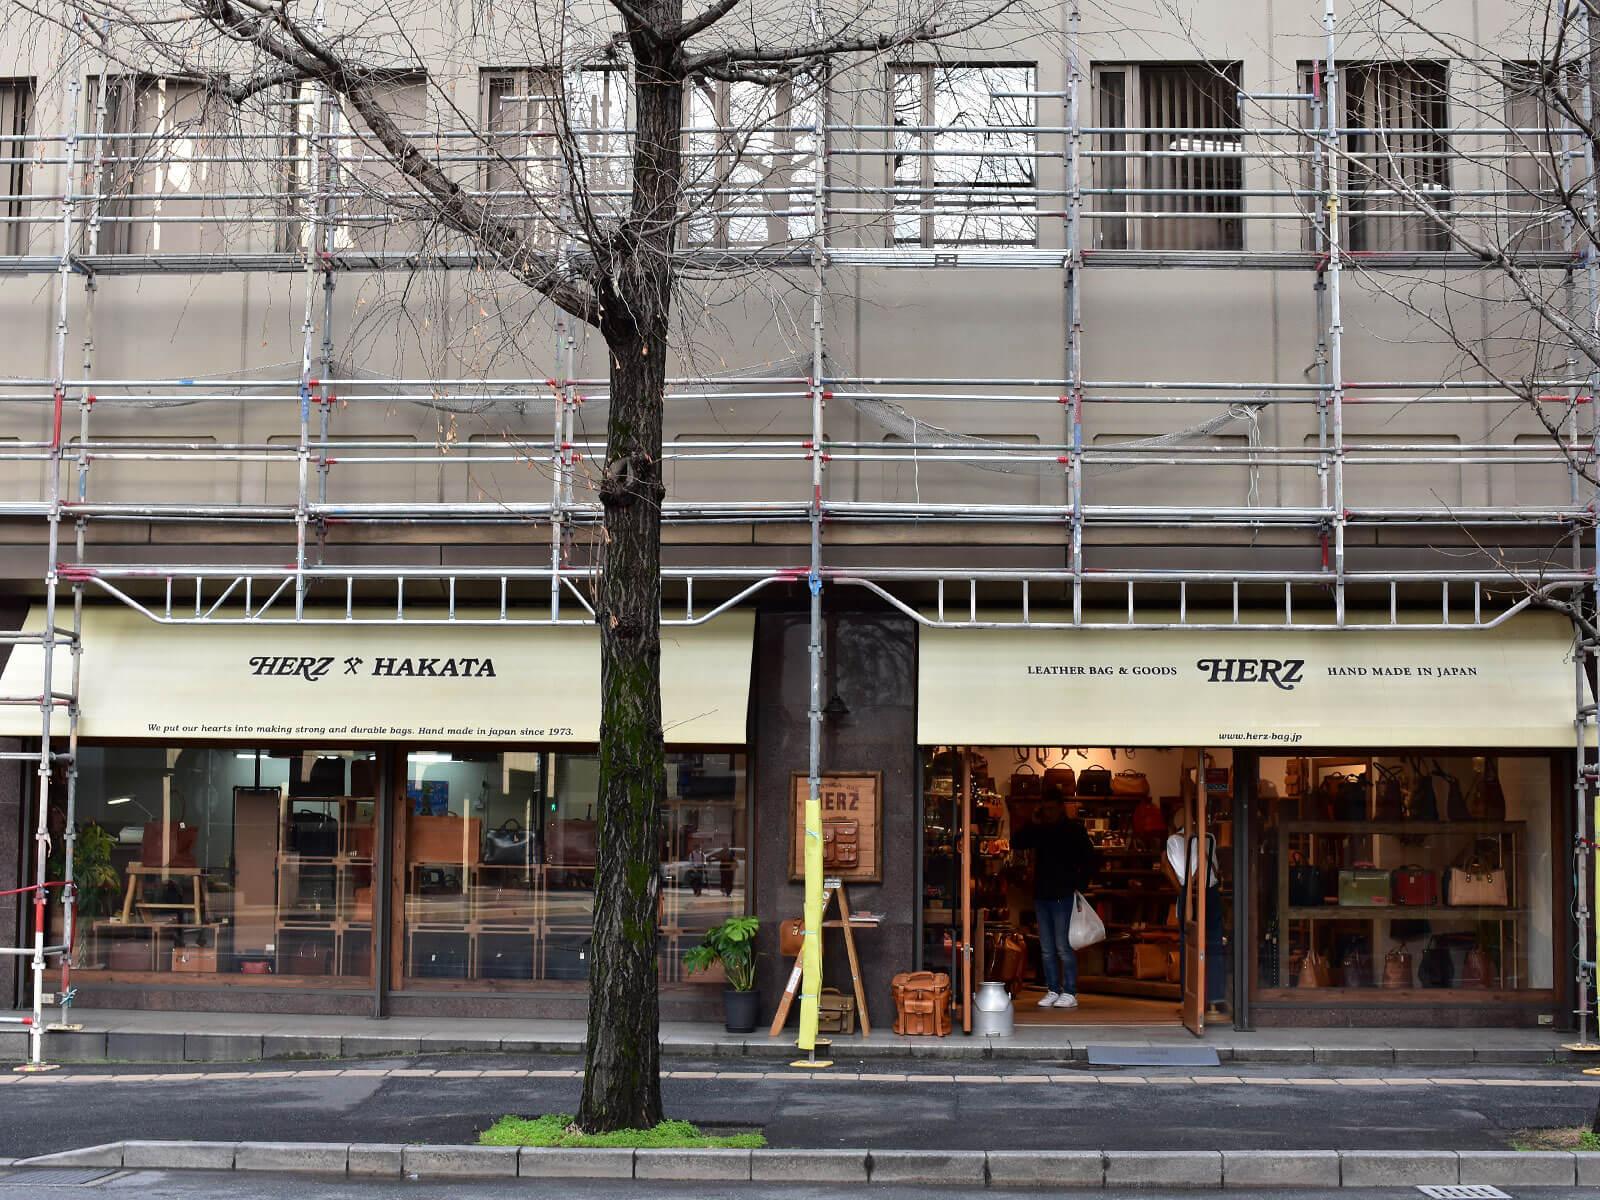 博多店外壁工事と第7回ケロケロサタデー開催のお知らせ